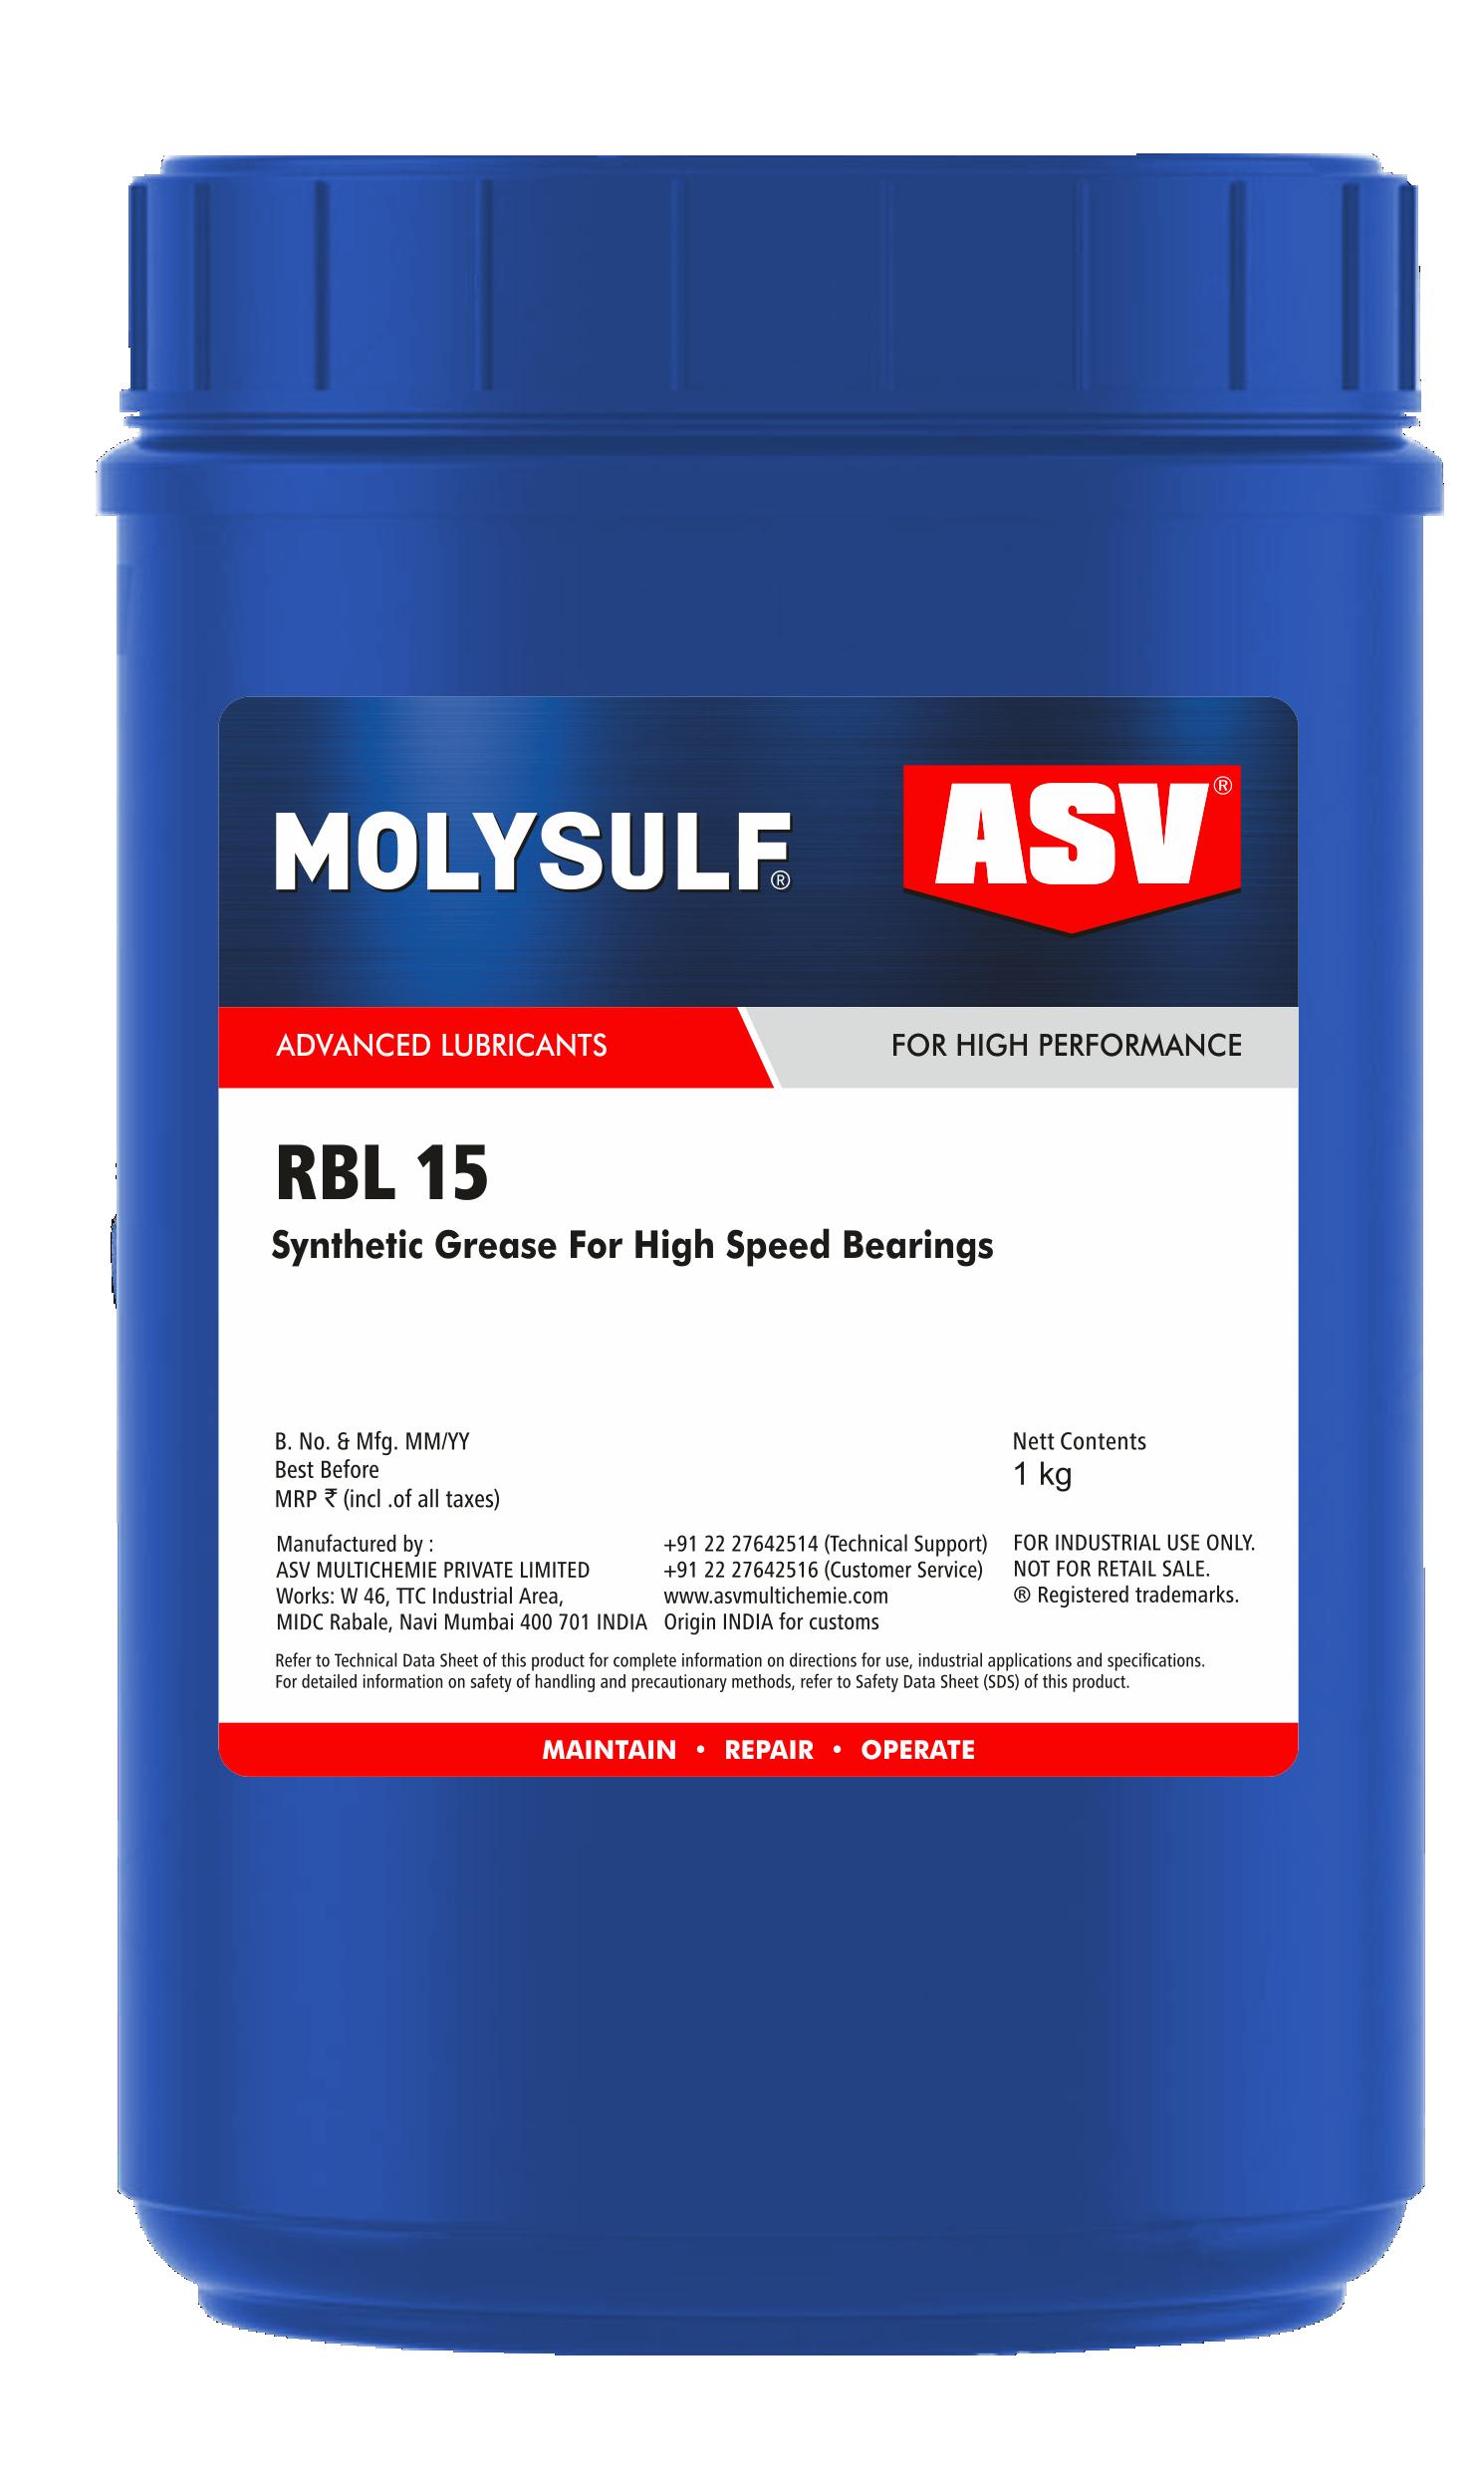 RBL 15